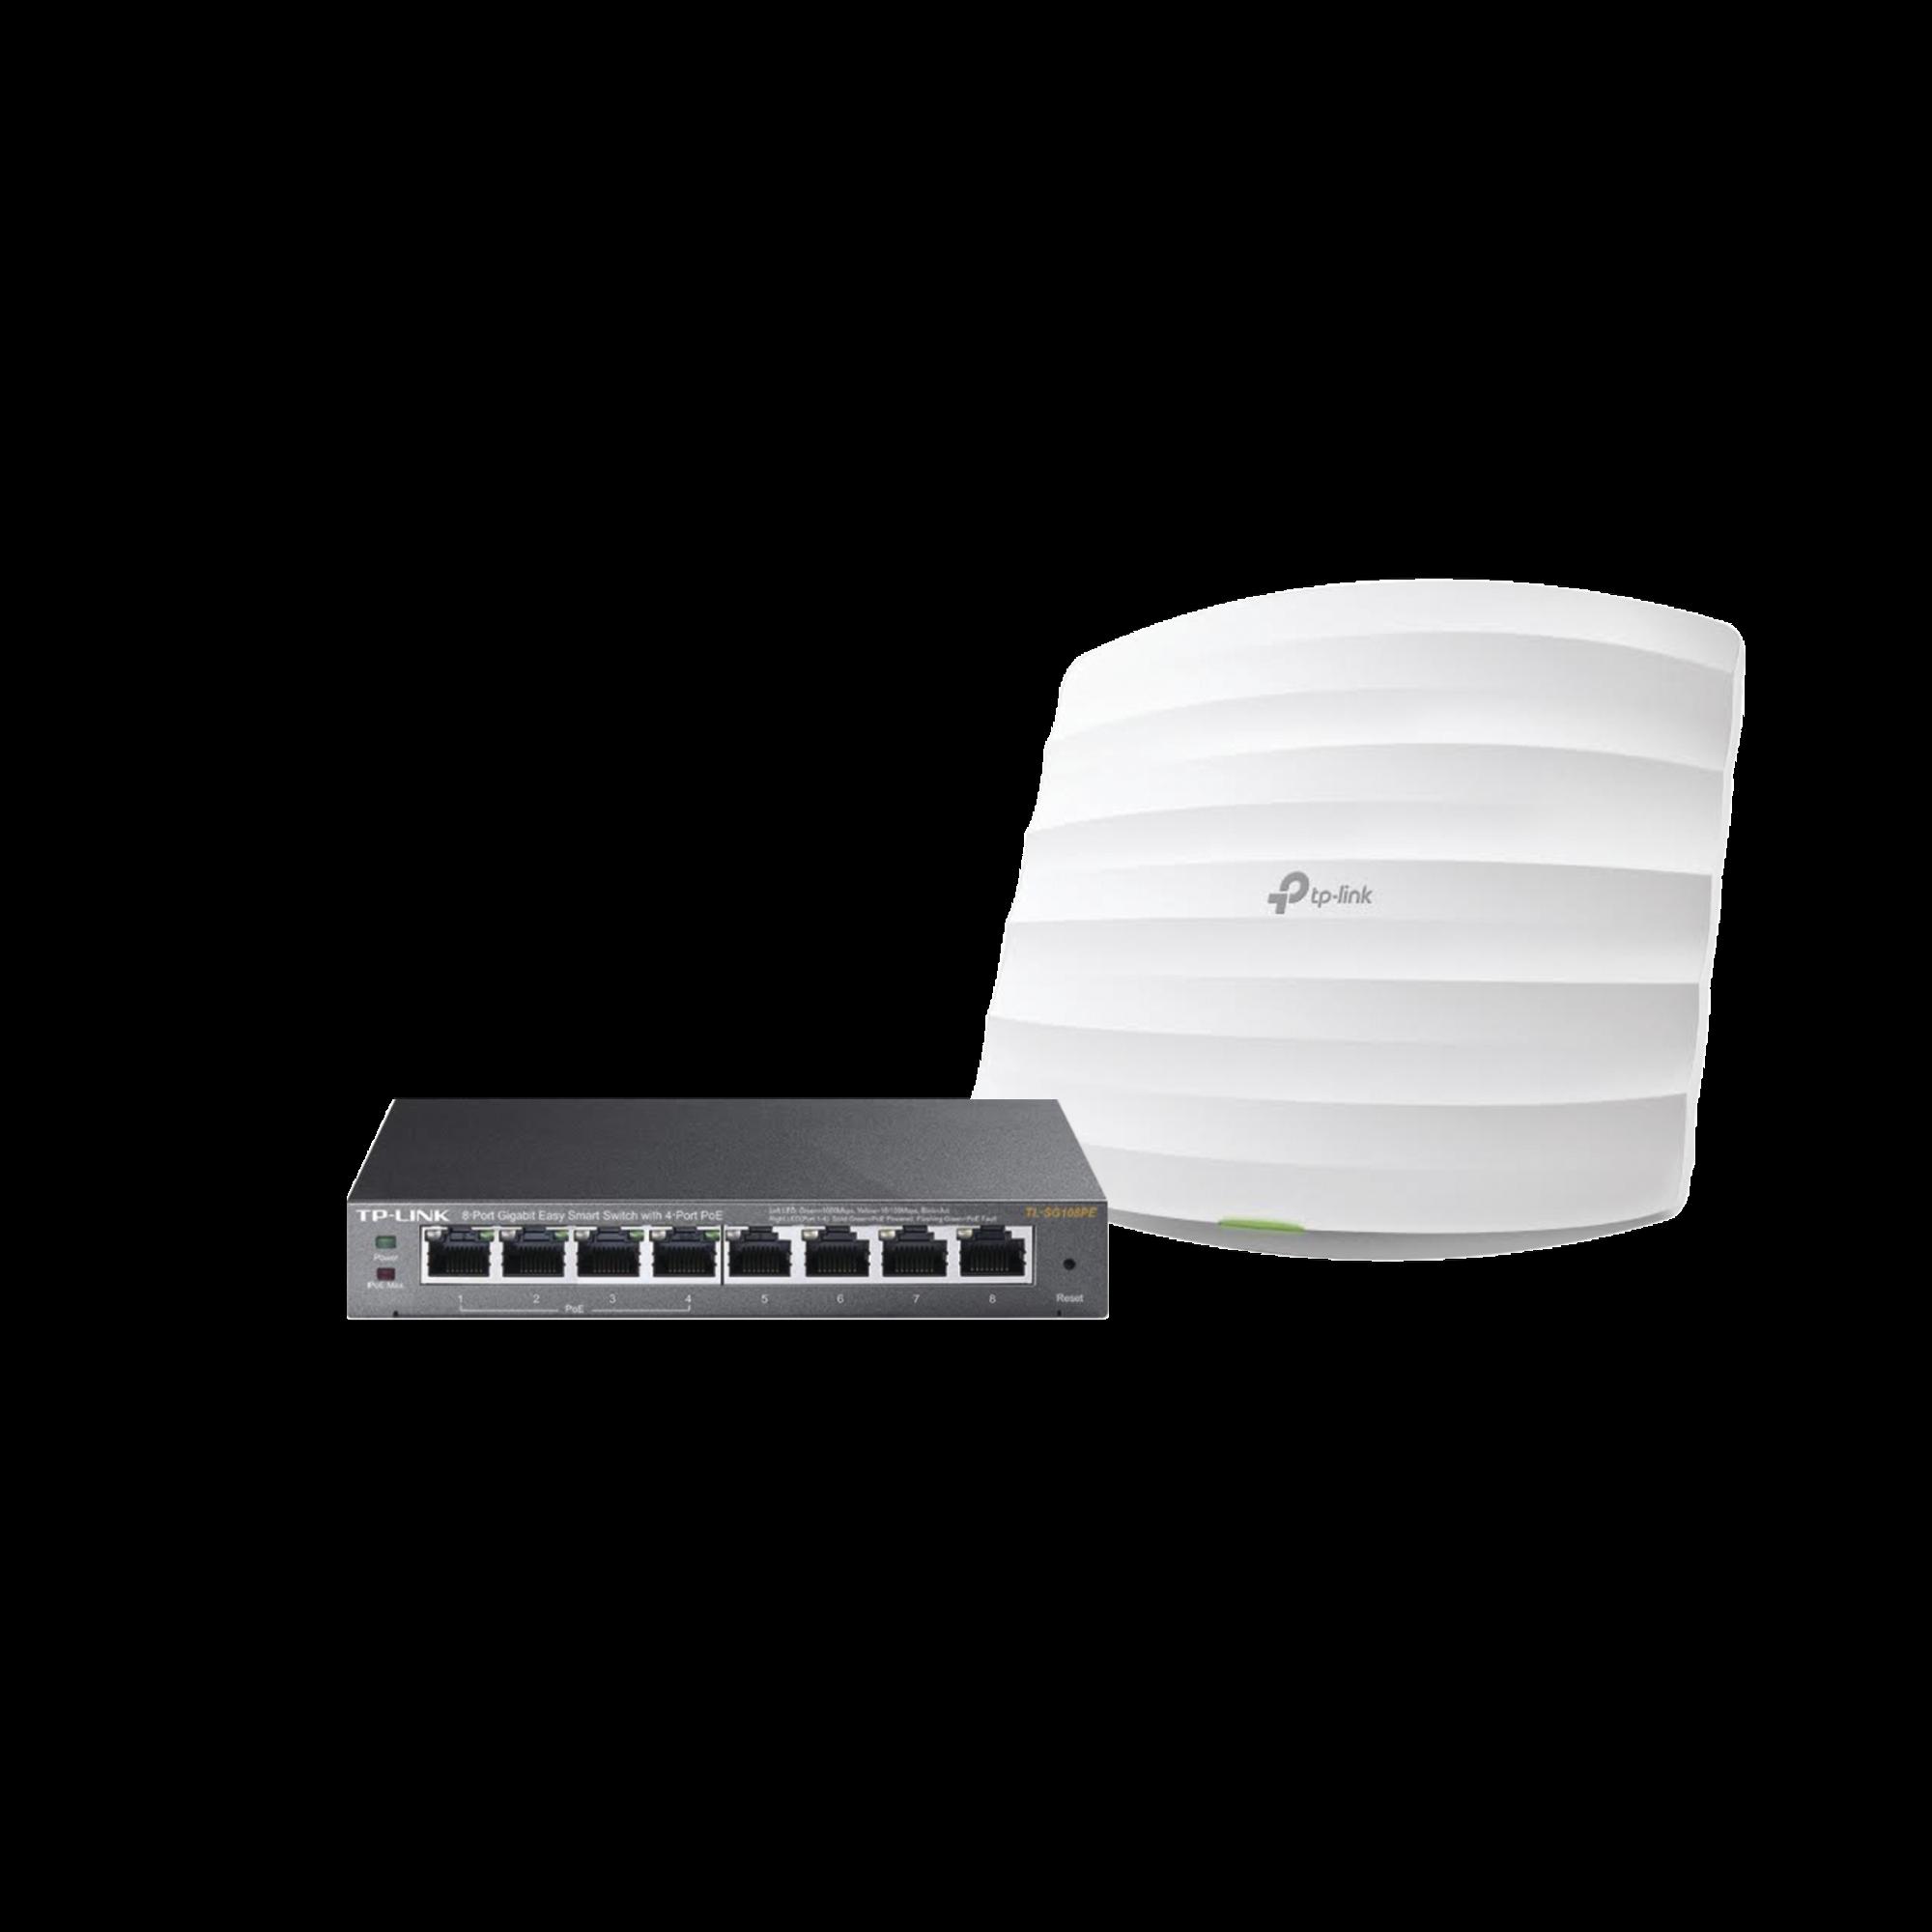 Kit de access point EAP245 y switch PoE TL-SG108PE, doble banda AC, hasta 1750 Mbps, 1 puerto Gigabit